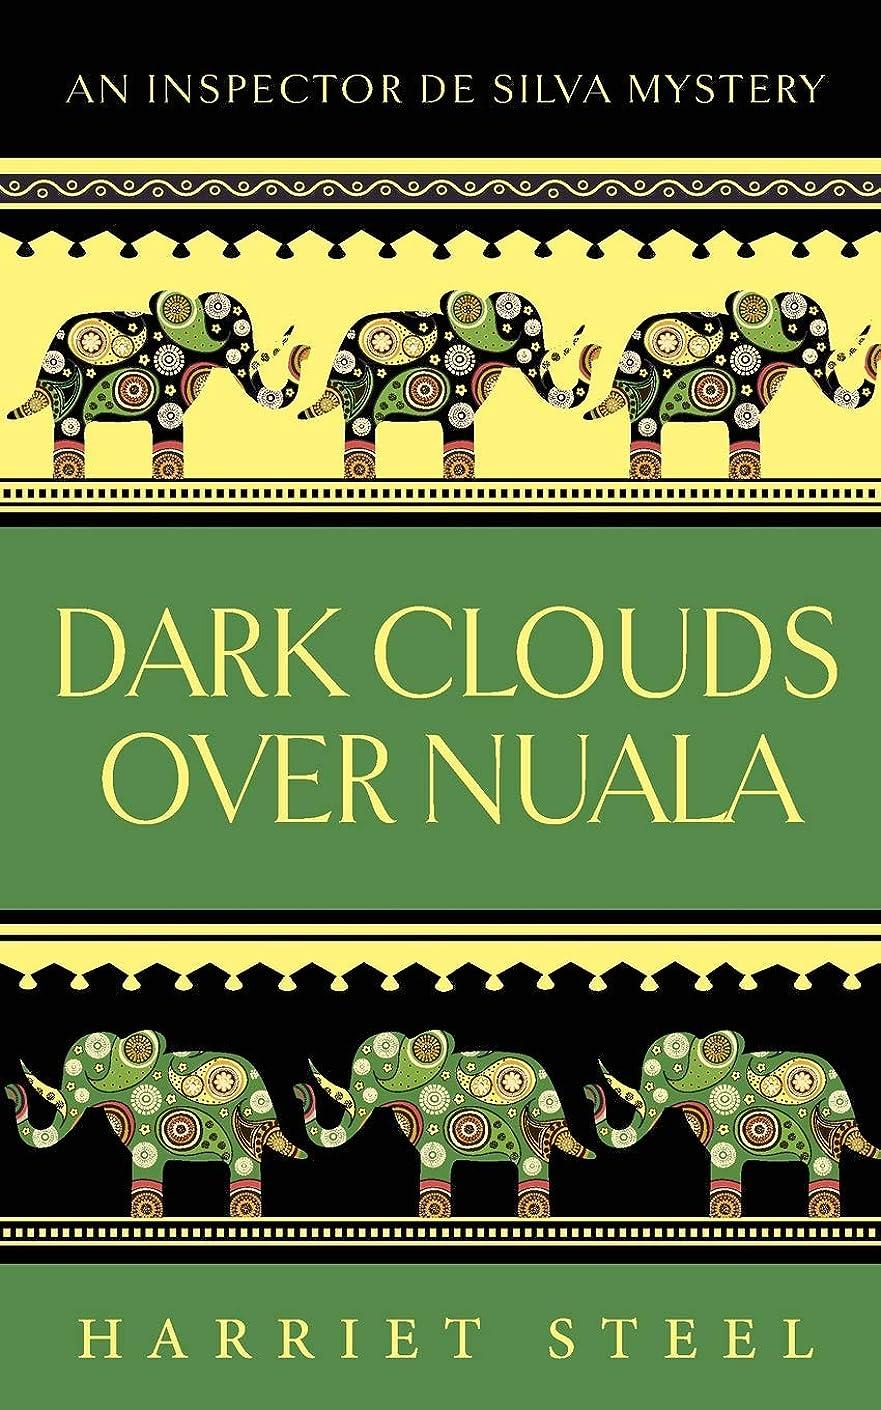 集計送るむき出しDark Clouds over Nuala (The Inspector de Silva Mysteries)